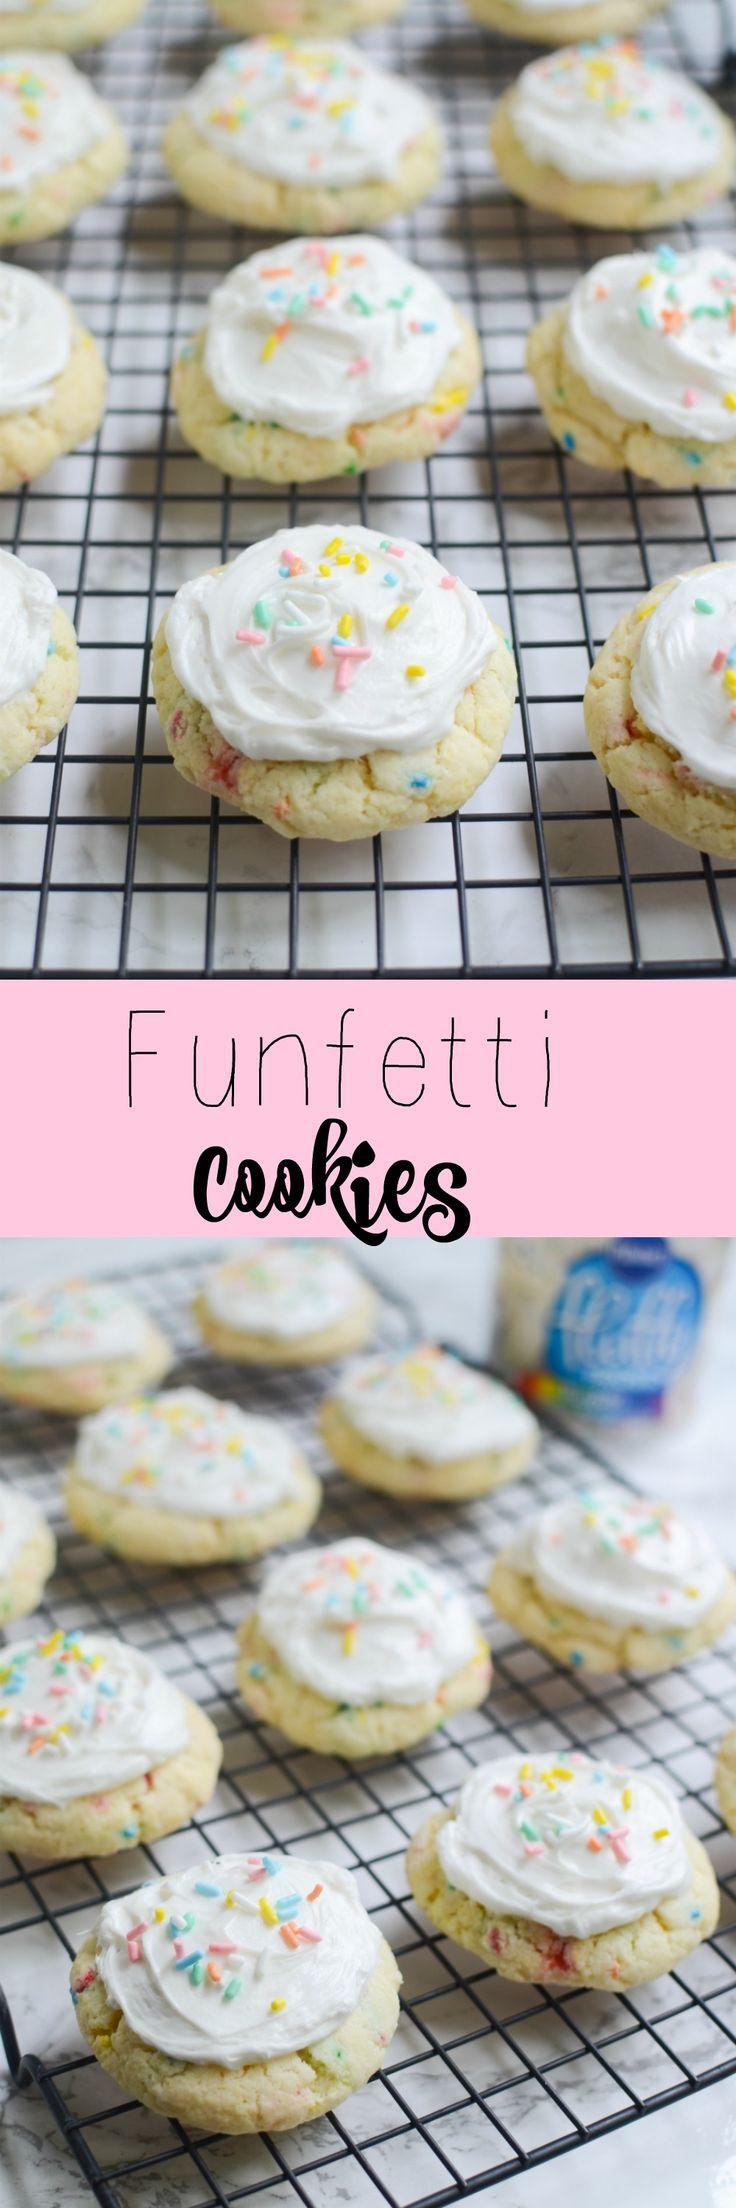 Funfetti cake mix cookie recipes